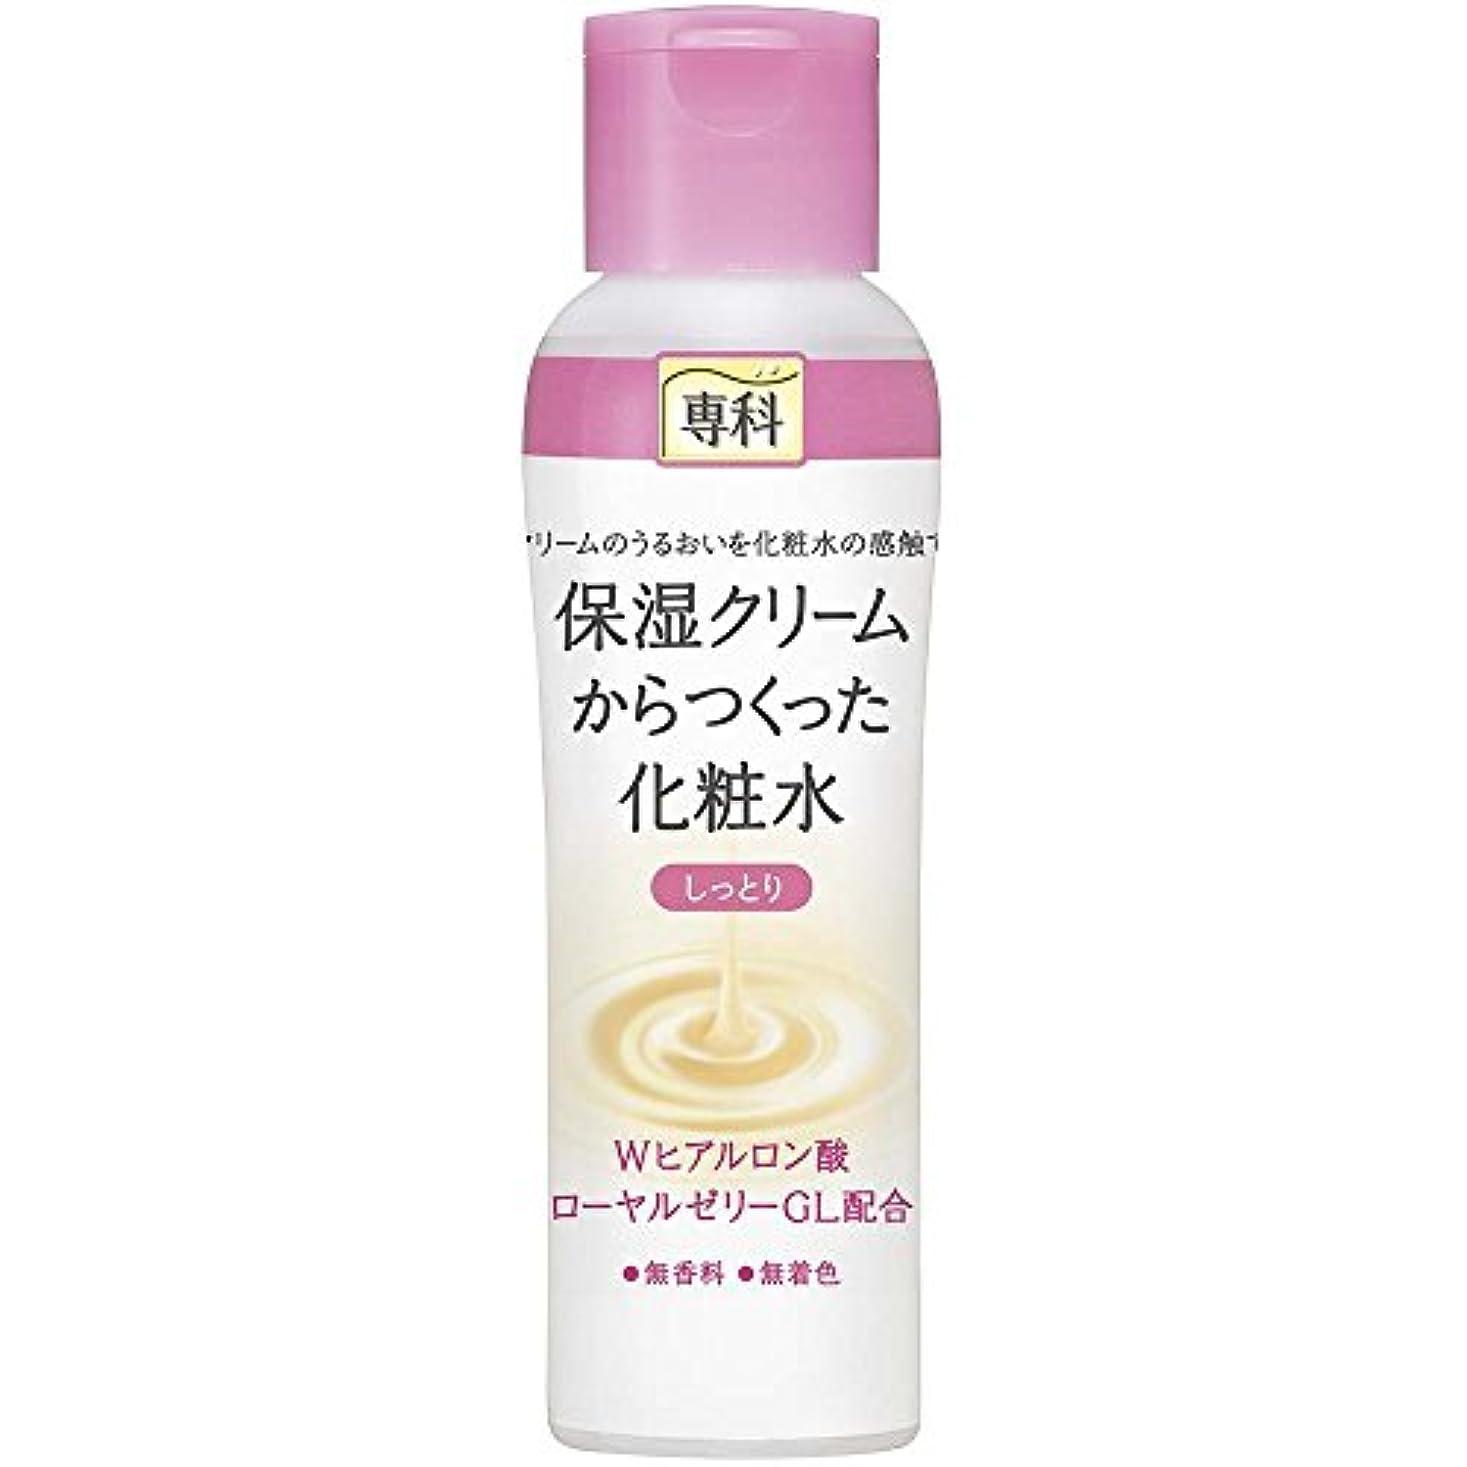 ブランド名ボランティア返還専科 保湿クリームからつくった化粧水(しっとり) 200ml